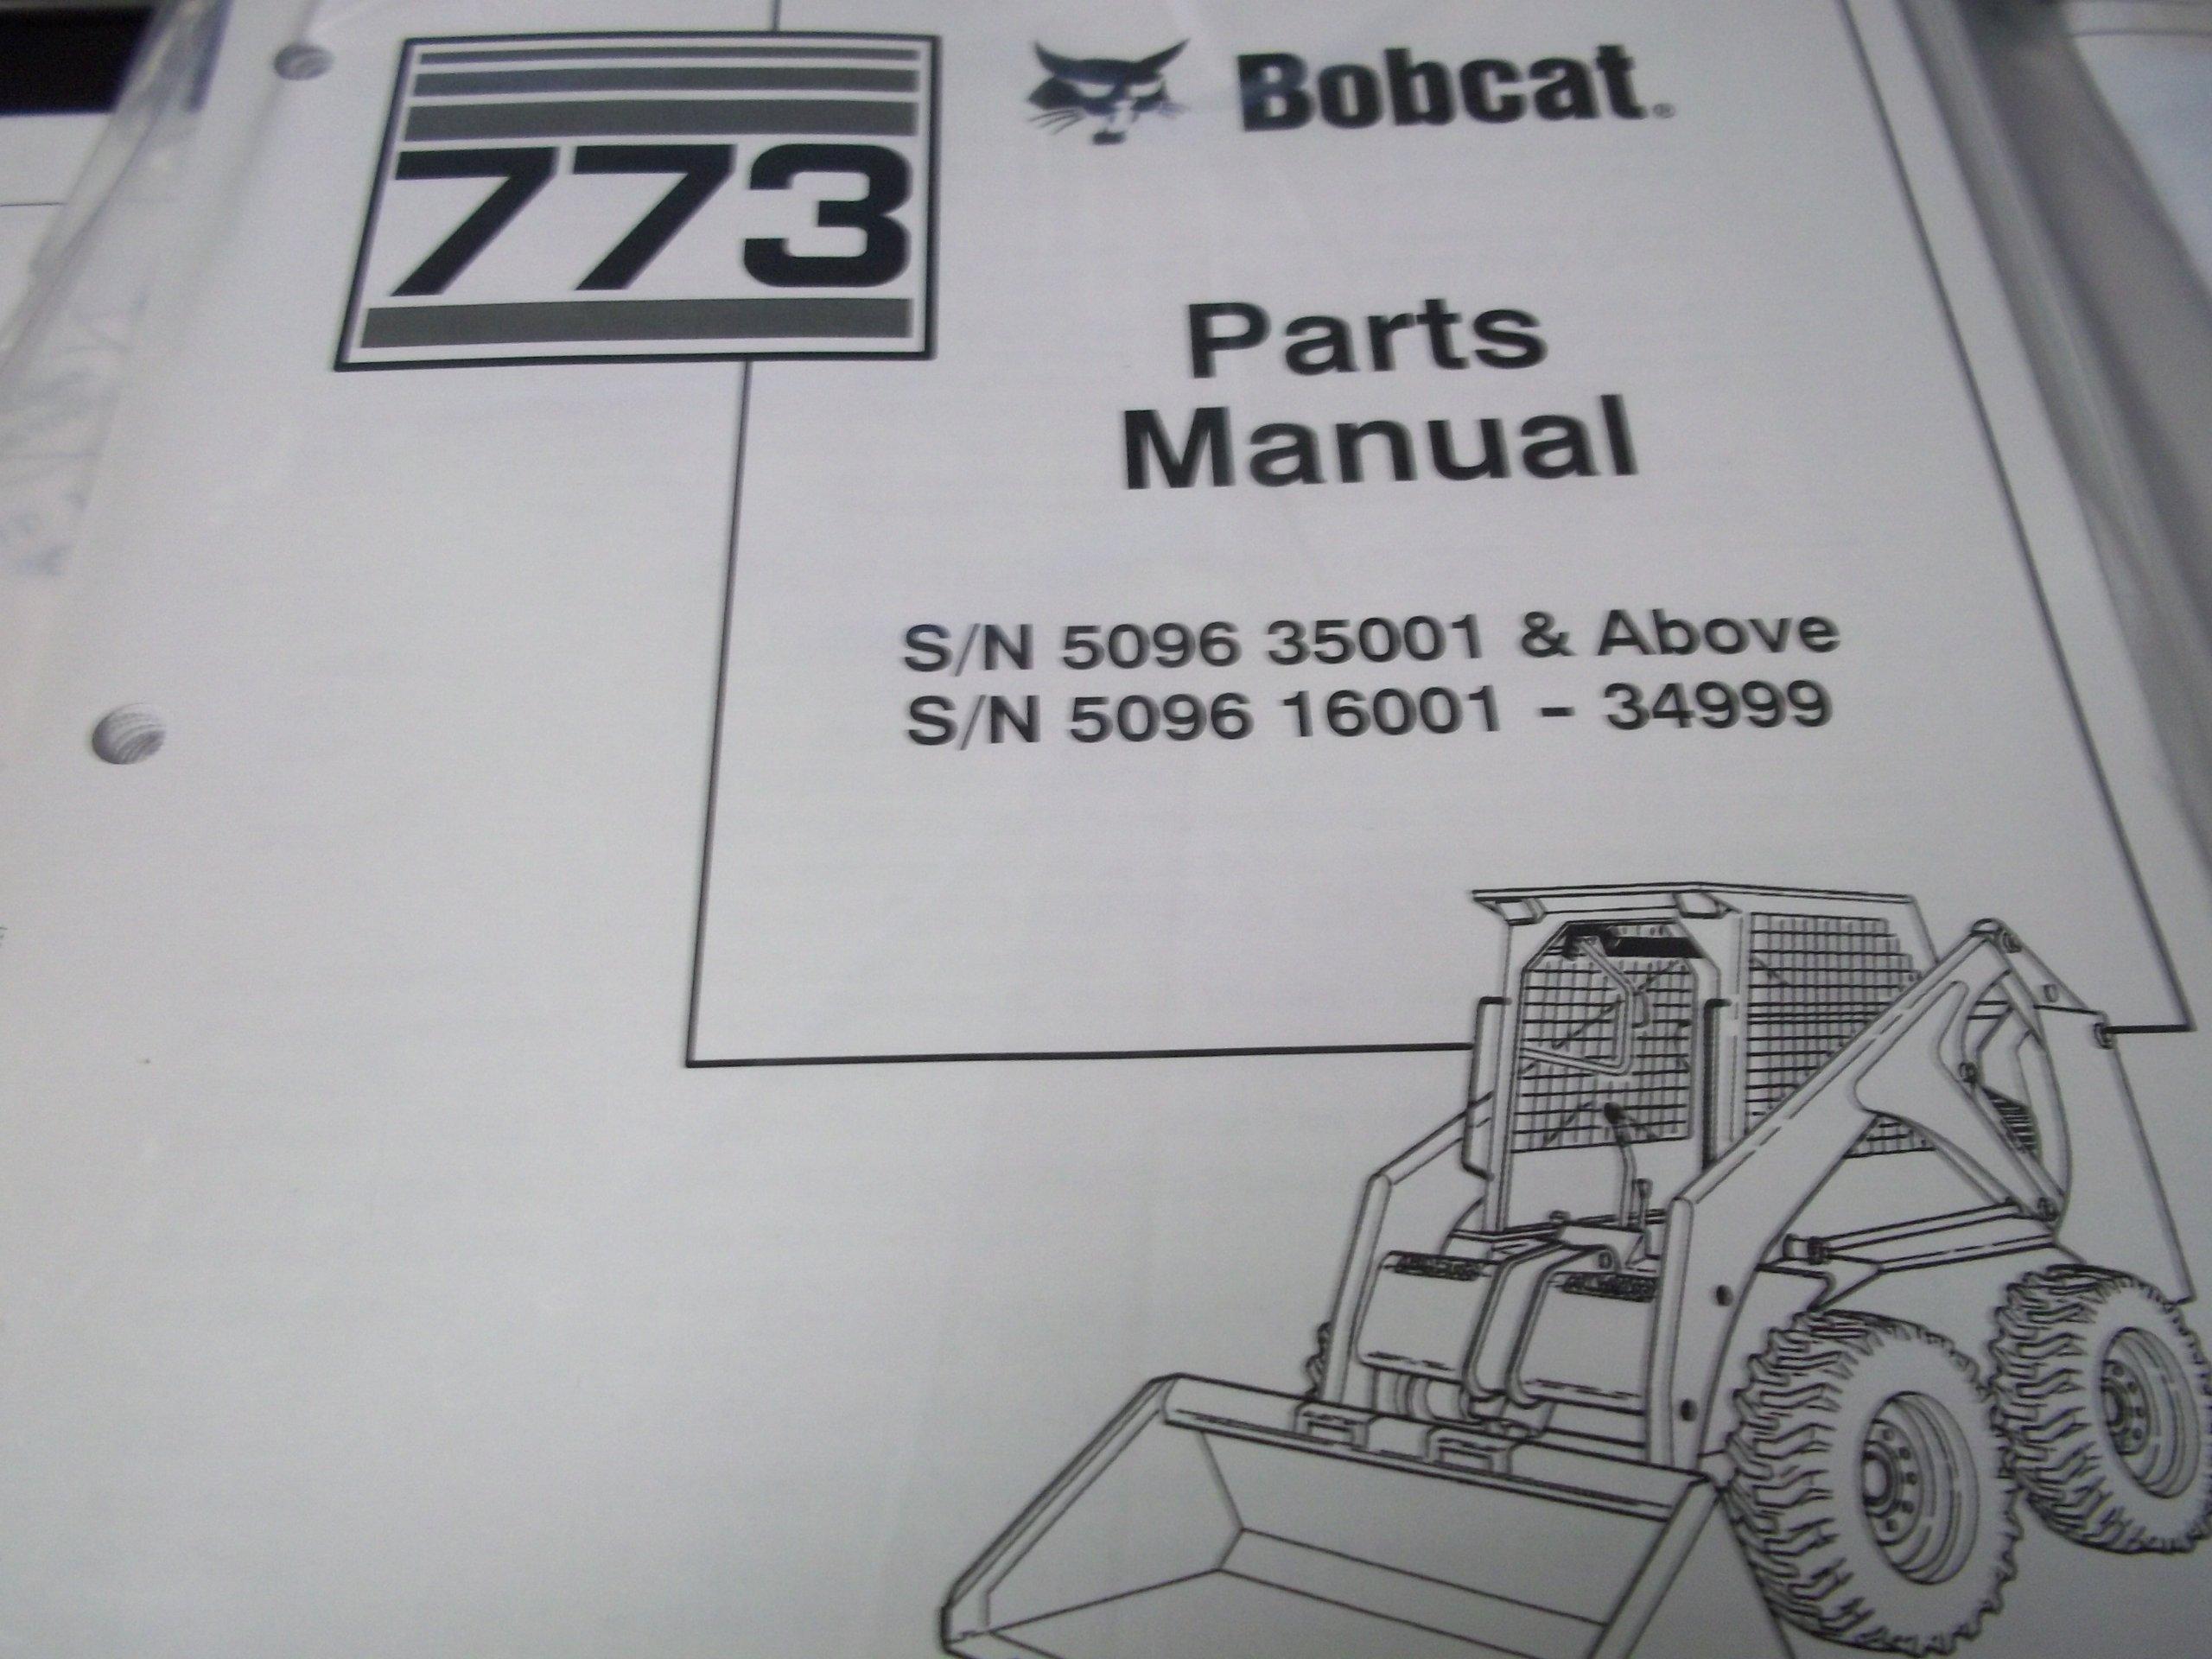 Bobcat 773 Sn 5096 35001 Above Parts Manual Bobcat Amazon Com Books